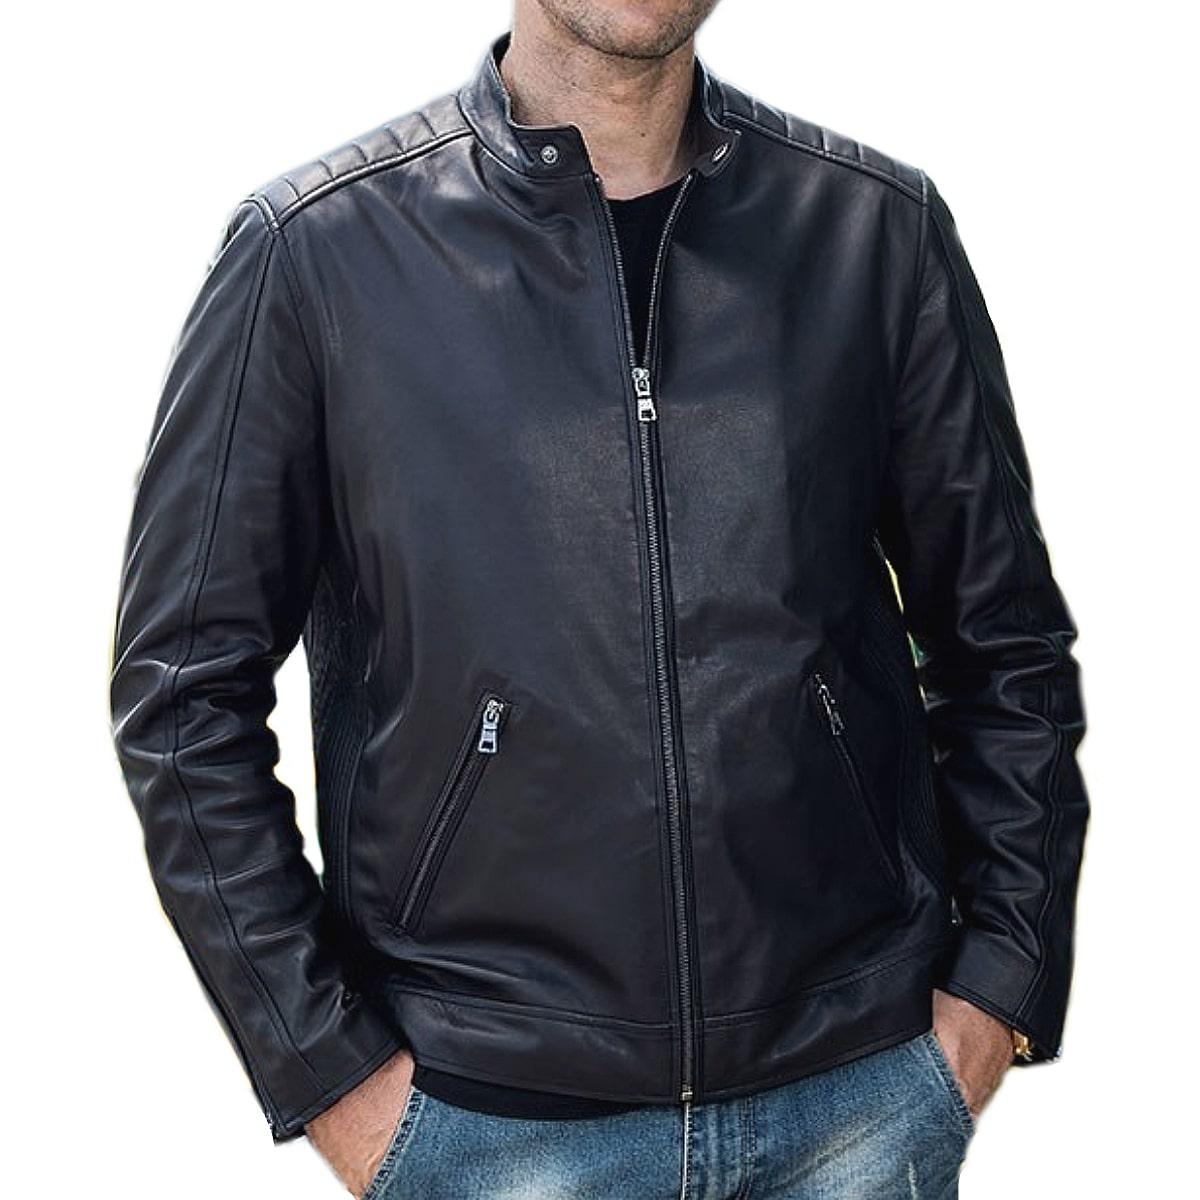 【送料無料!】全10サイズ! メンズ 本革 カウハイドレザー シングルライダースジャケット! 牛革 バイクジャケット ブラック 黒 アウター コート 羽織り 上着 オールシーズン 年中着用可能! 男性用 ビッグサイズ バイカー バイクに!